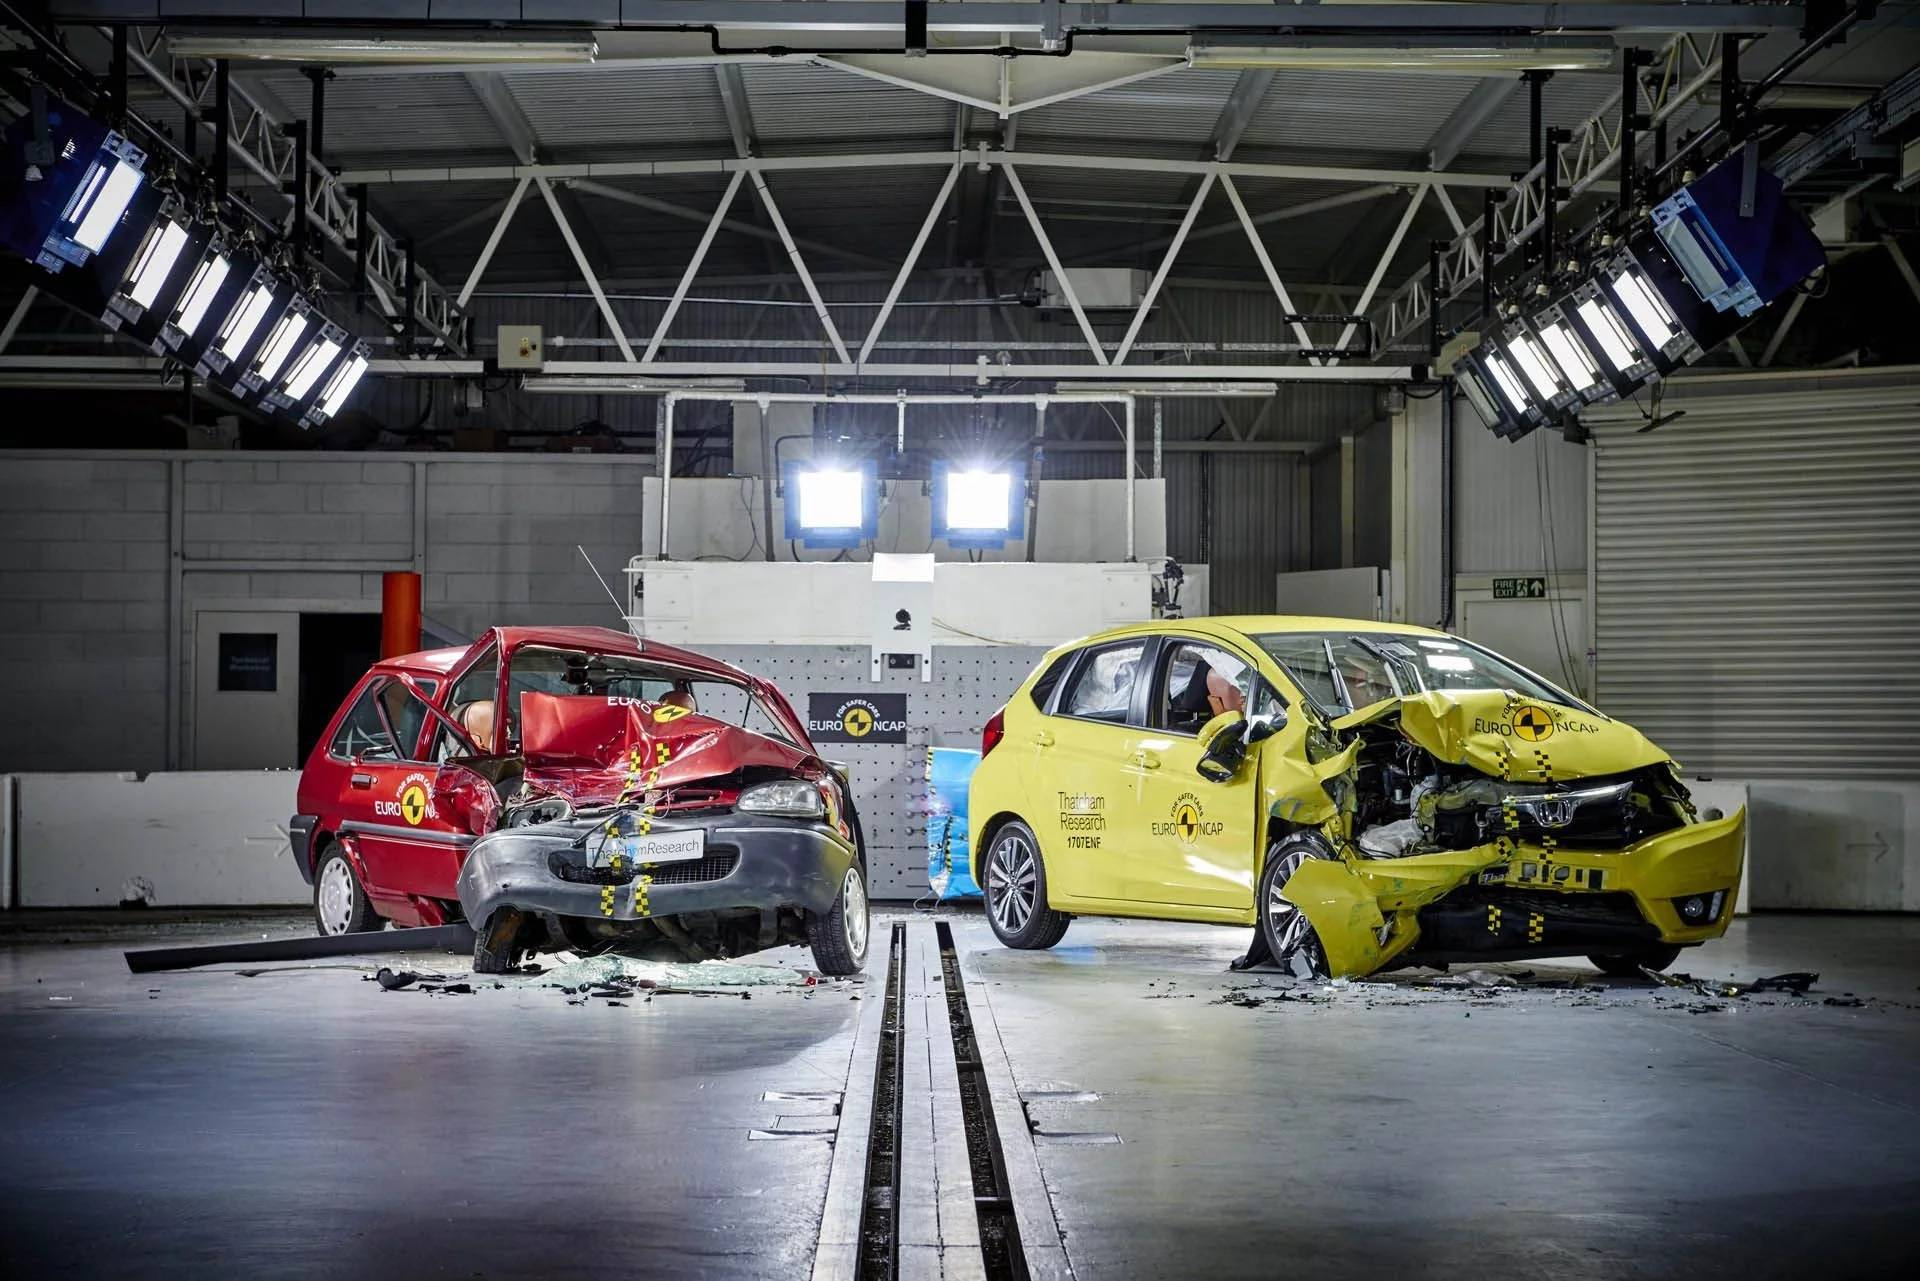 На чём лучше разбиться: сравниваем прочность авто разных лет